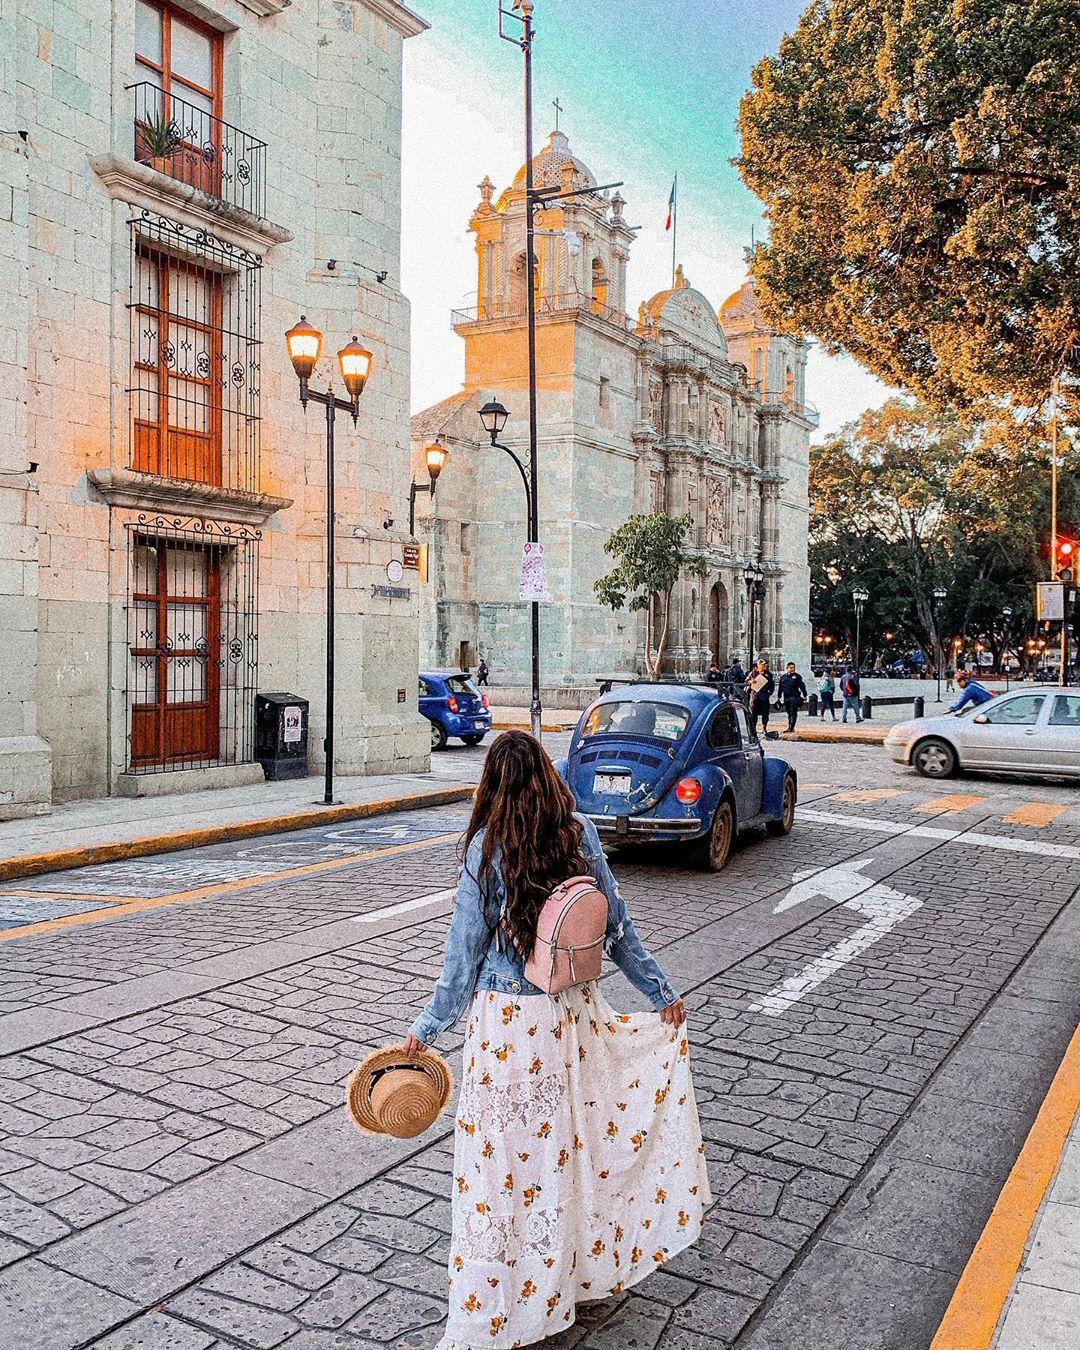 Además de Oaxaca, fueron reconocidos otros destinos como Tulum y Puerto Morelos.